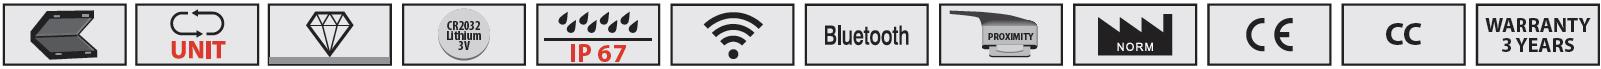 Các tính năng của panme 3 chấu, kỹ thuật số.